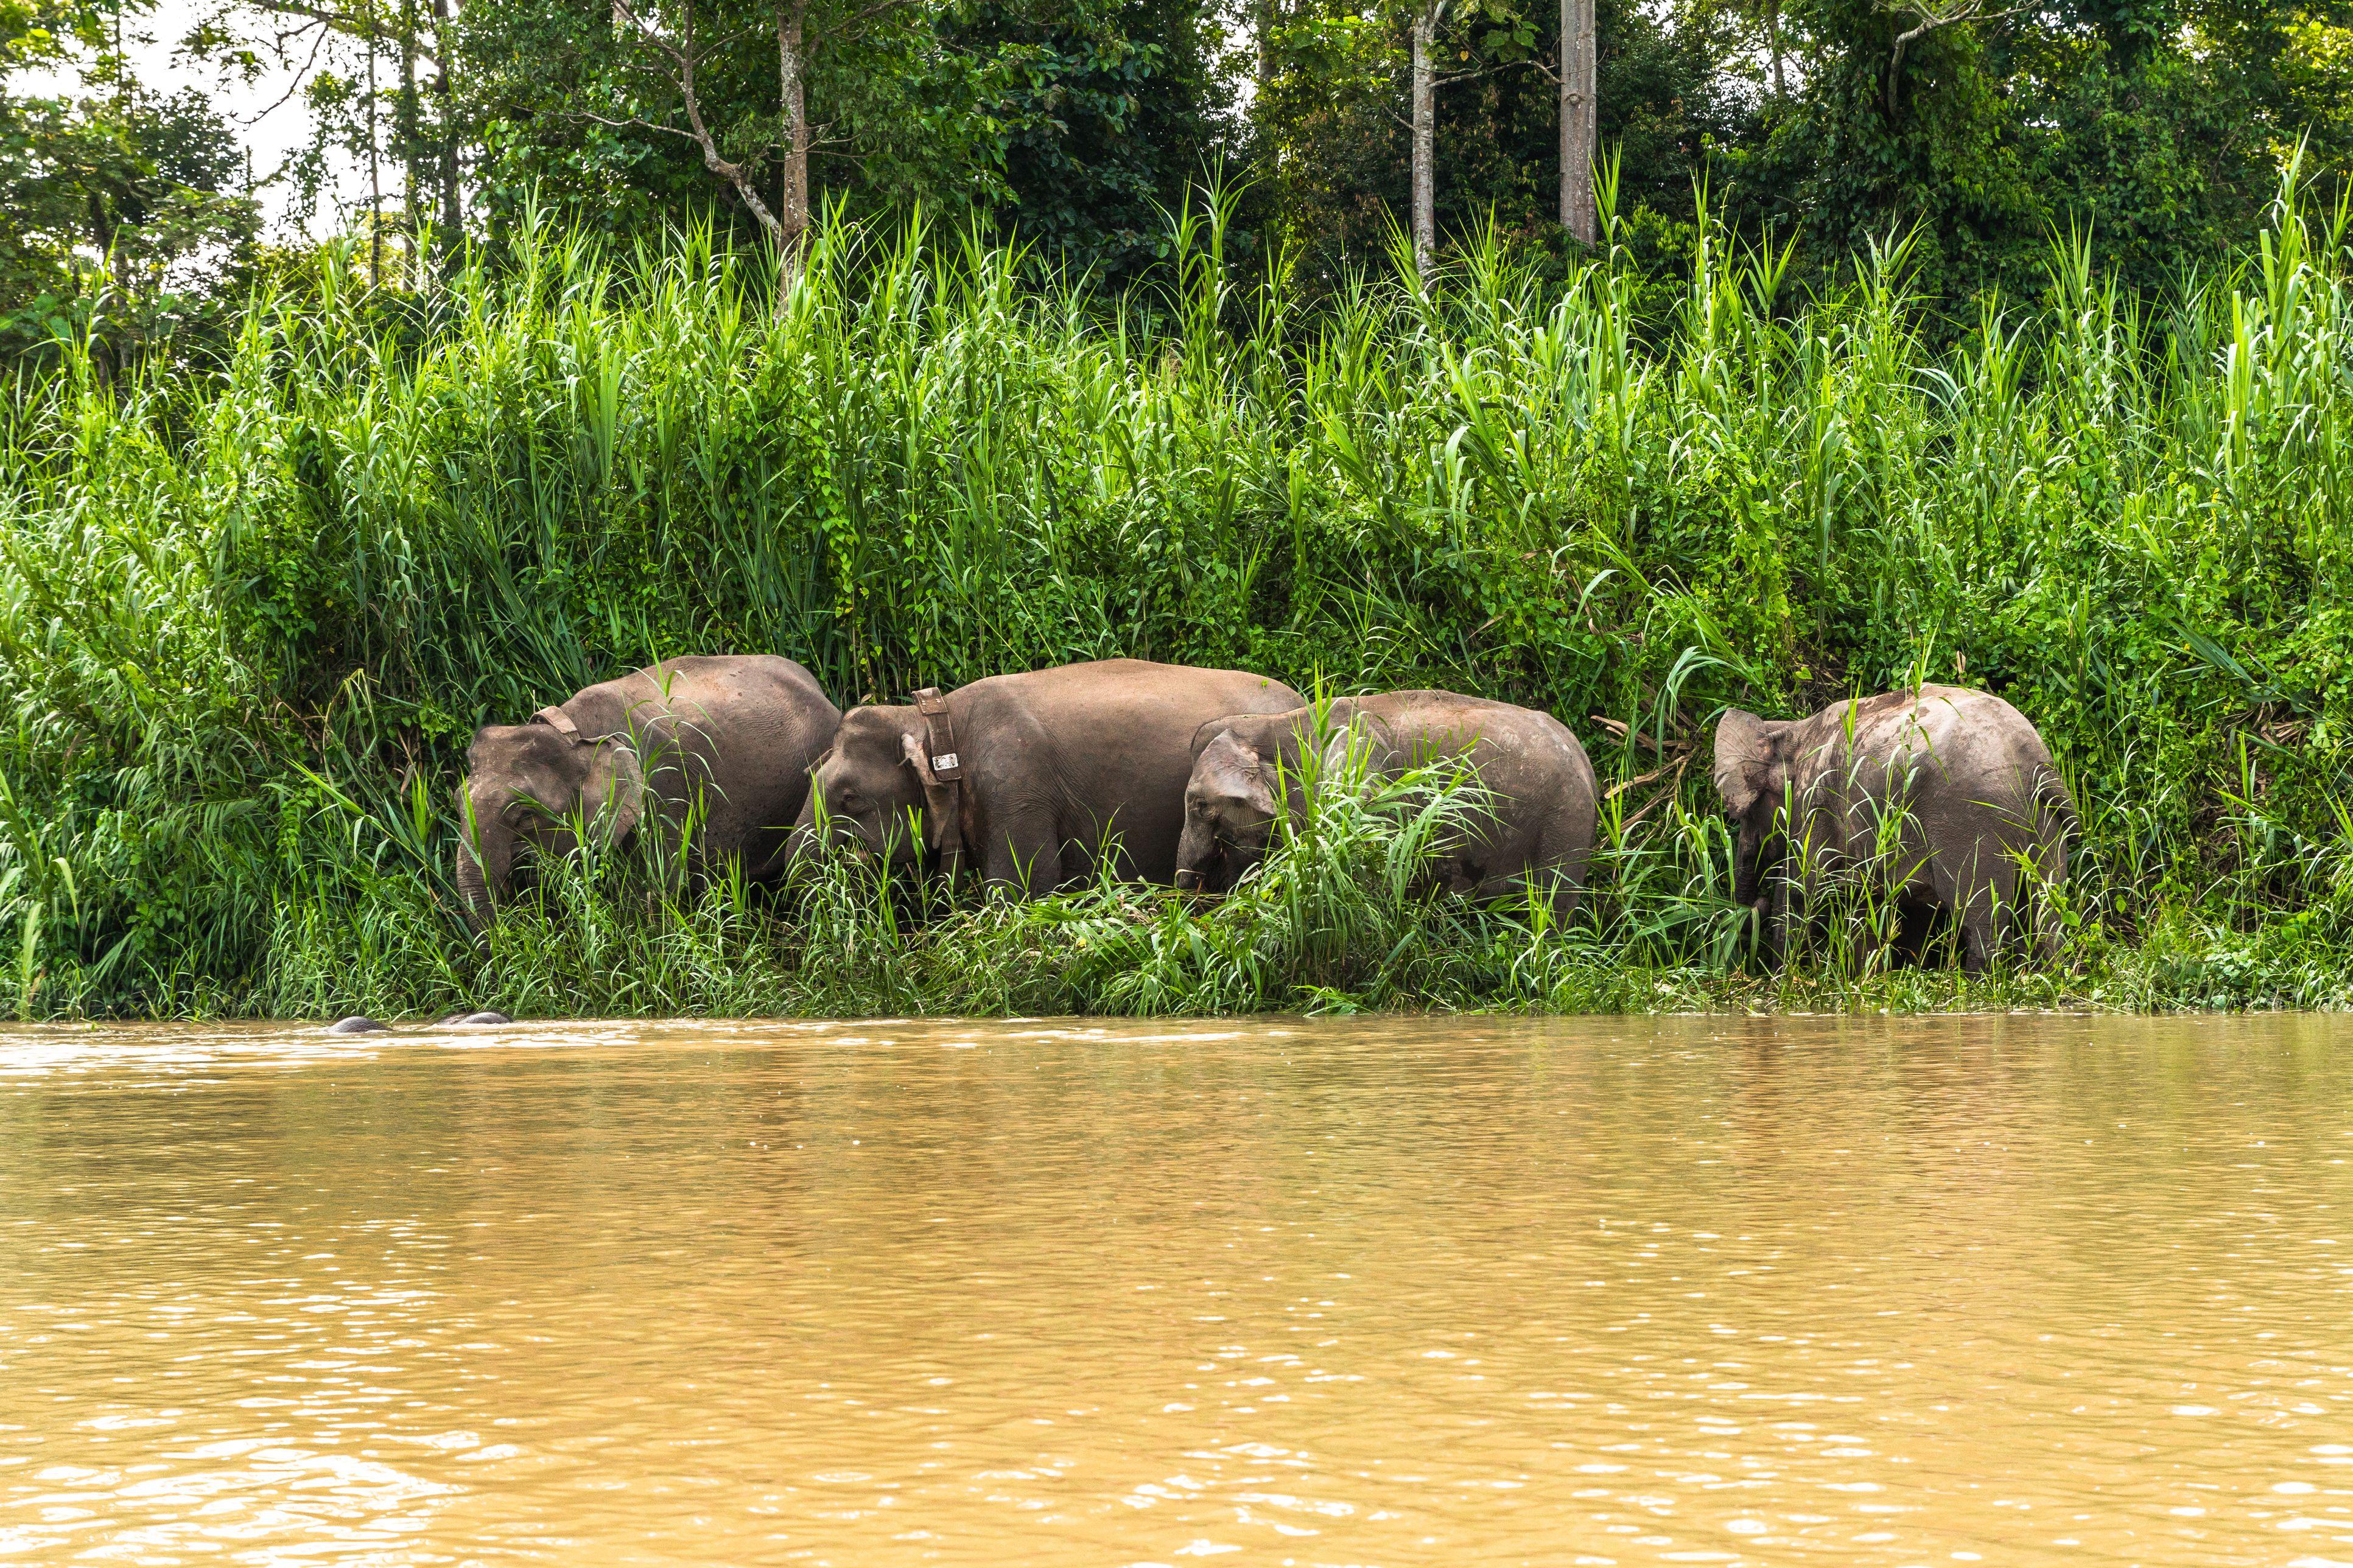 Manada de elefantes pigmeos de Borneo pastando en la orilla del río